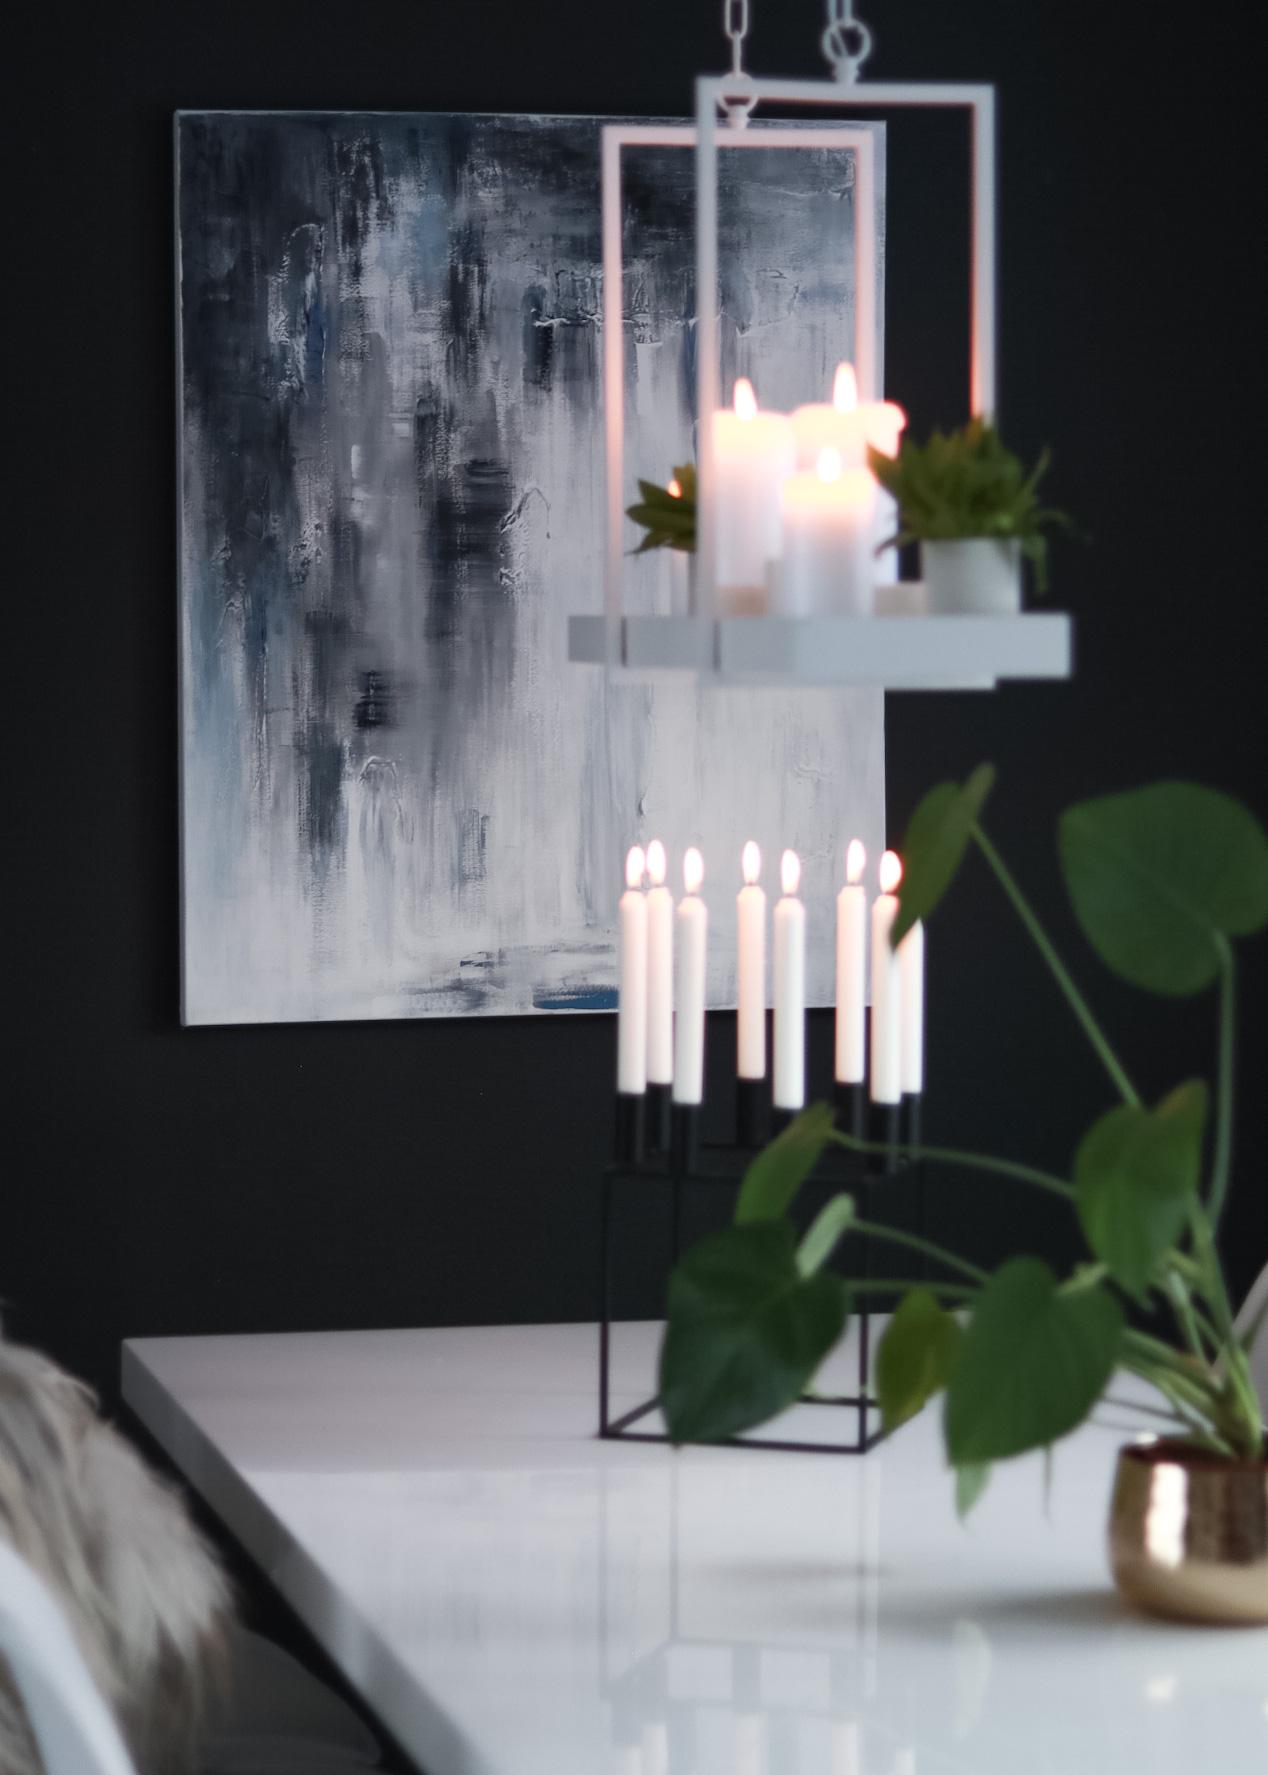 Lys i spisestuen - HVITELINJER BLOGG -